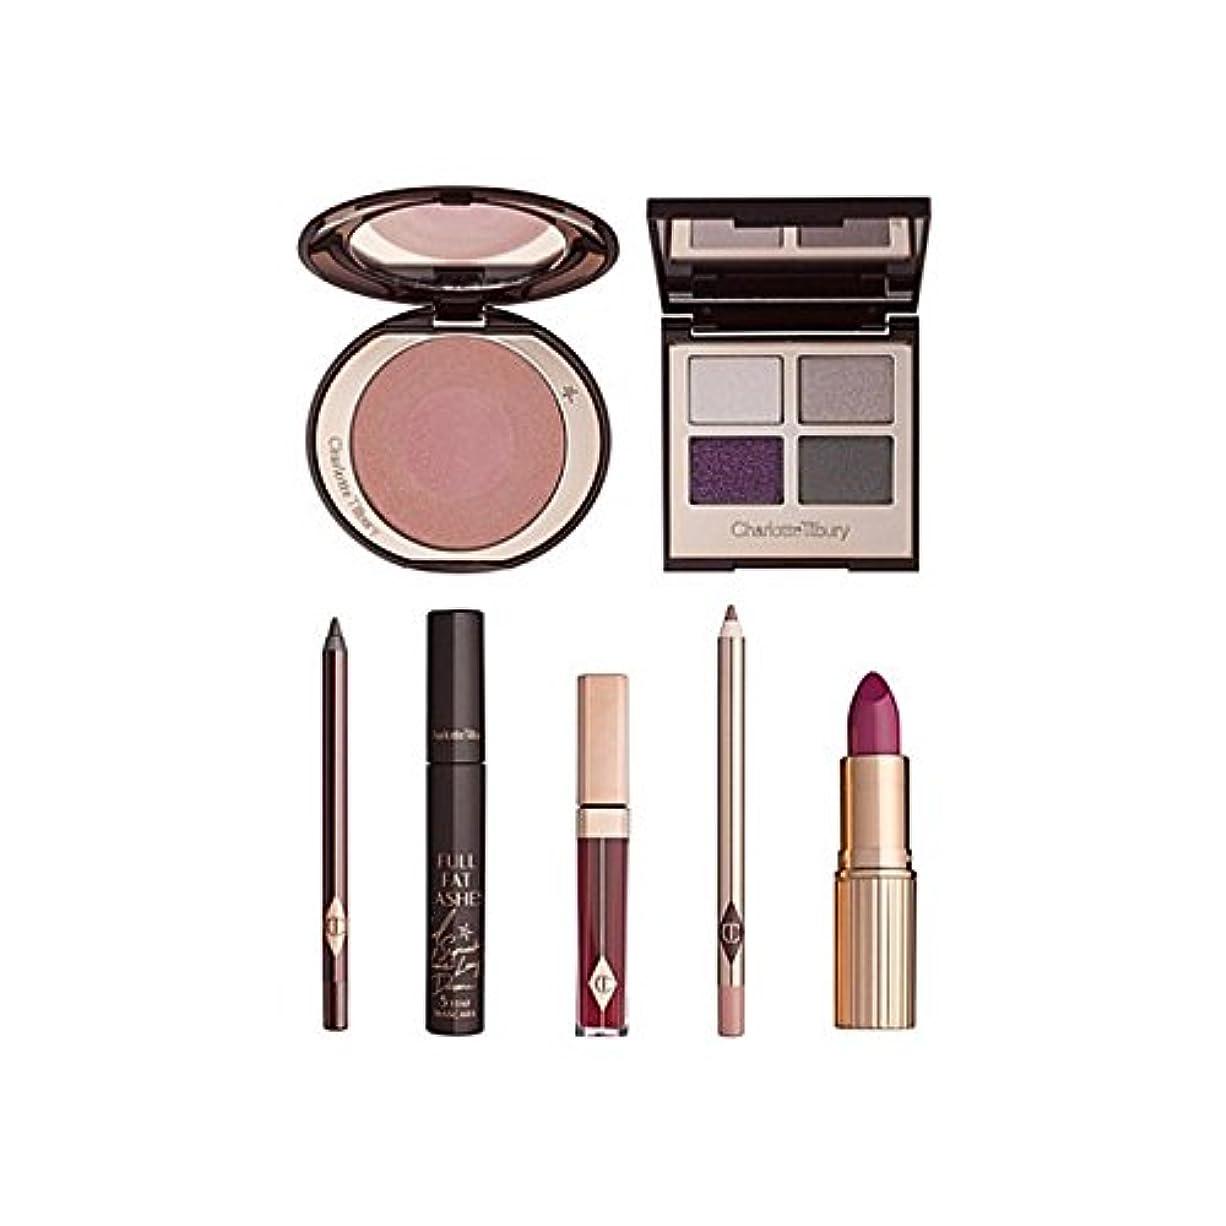 提出する任命おびえたグラマーミューズルックギフトボックスティルベリーシャルロット x2 - Charlotte Tilbury The Glamour Muse Look Gift Box (Pack of 2) [並行輸入品]